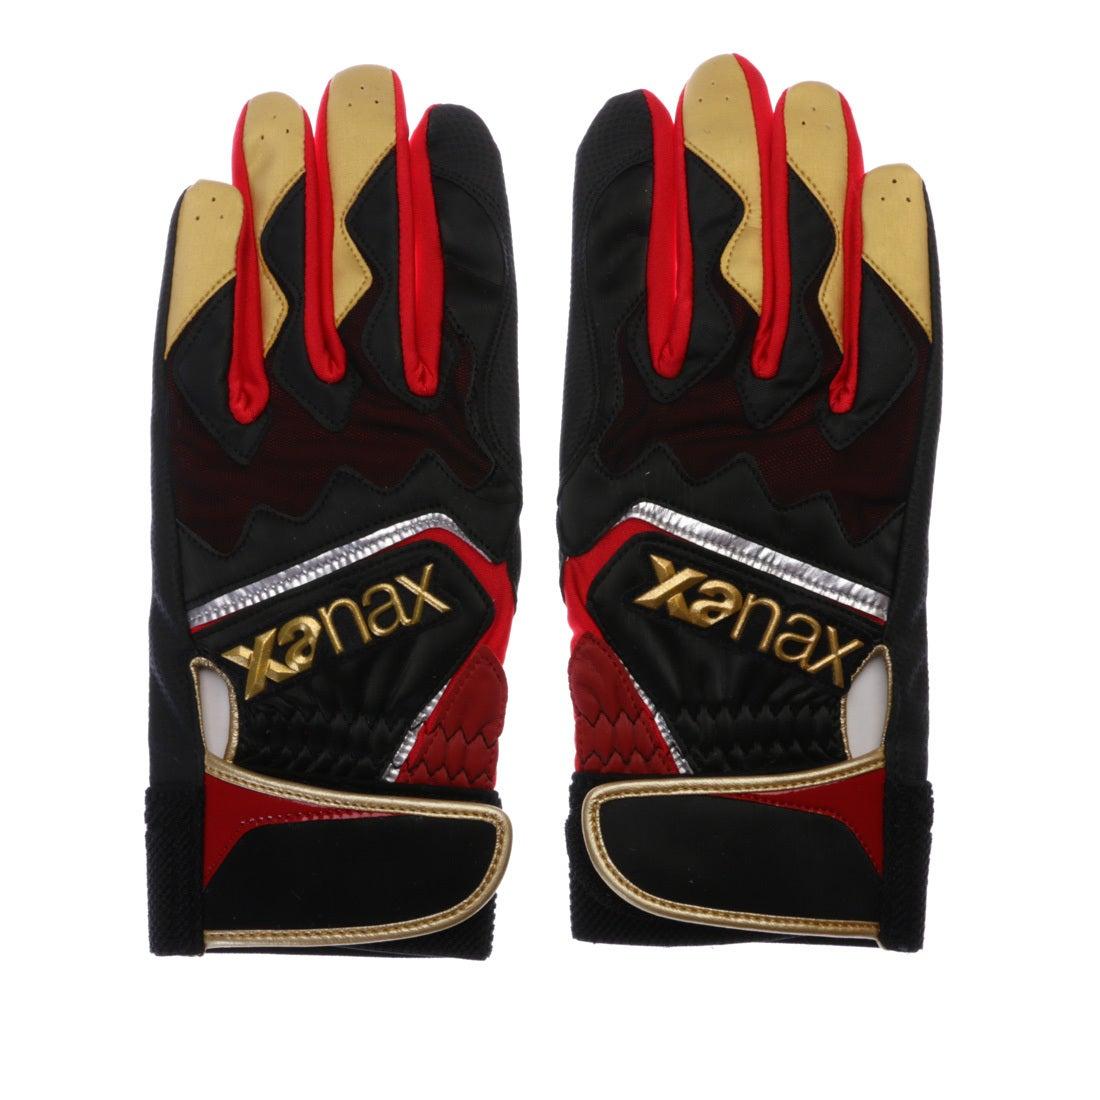 ザナックス XANAX ユニセックス 野球 バッティング用手袋 バッティング手袋 BBG-82